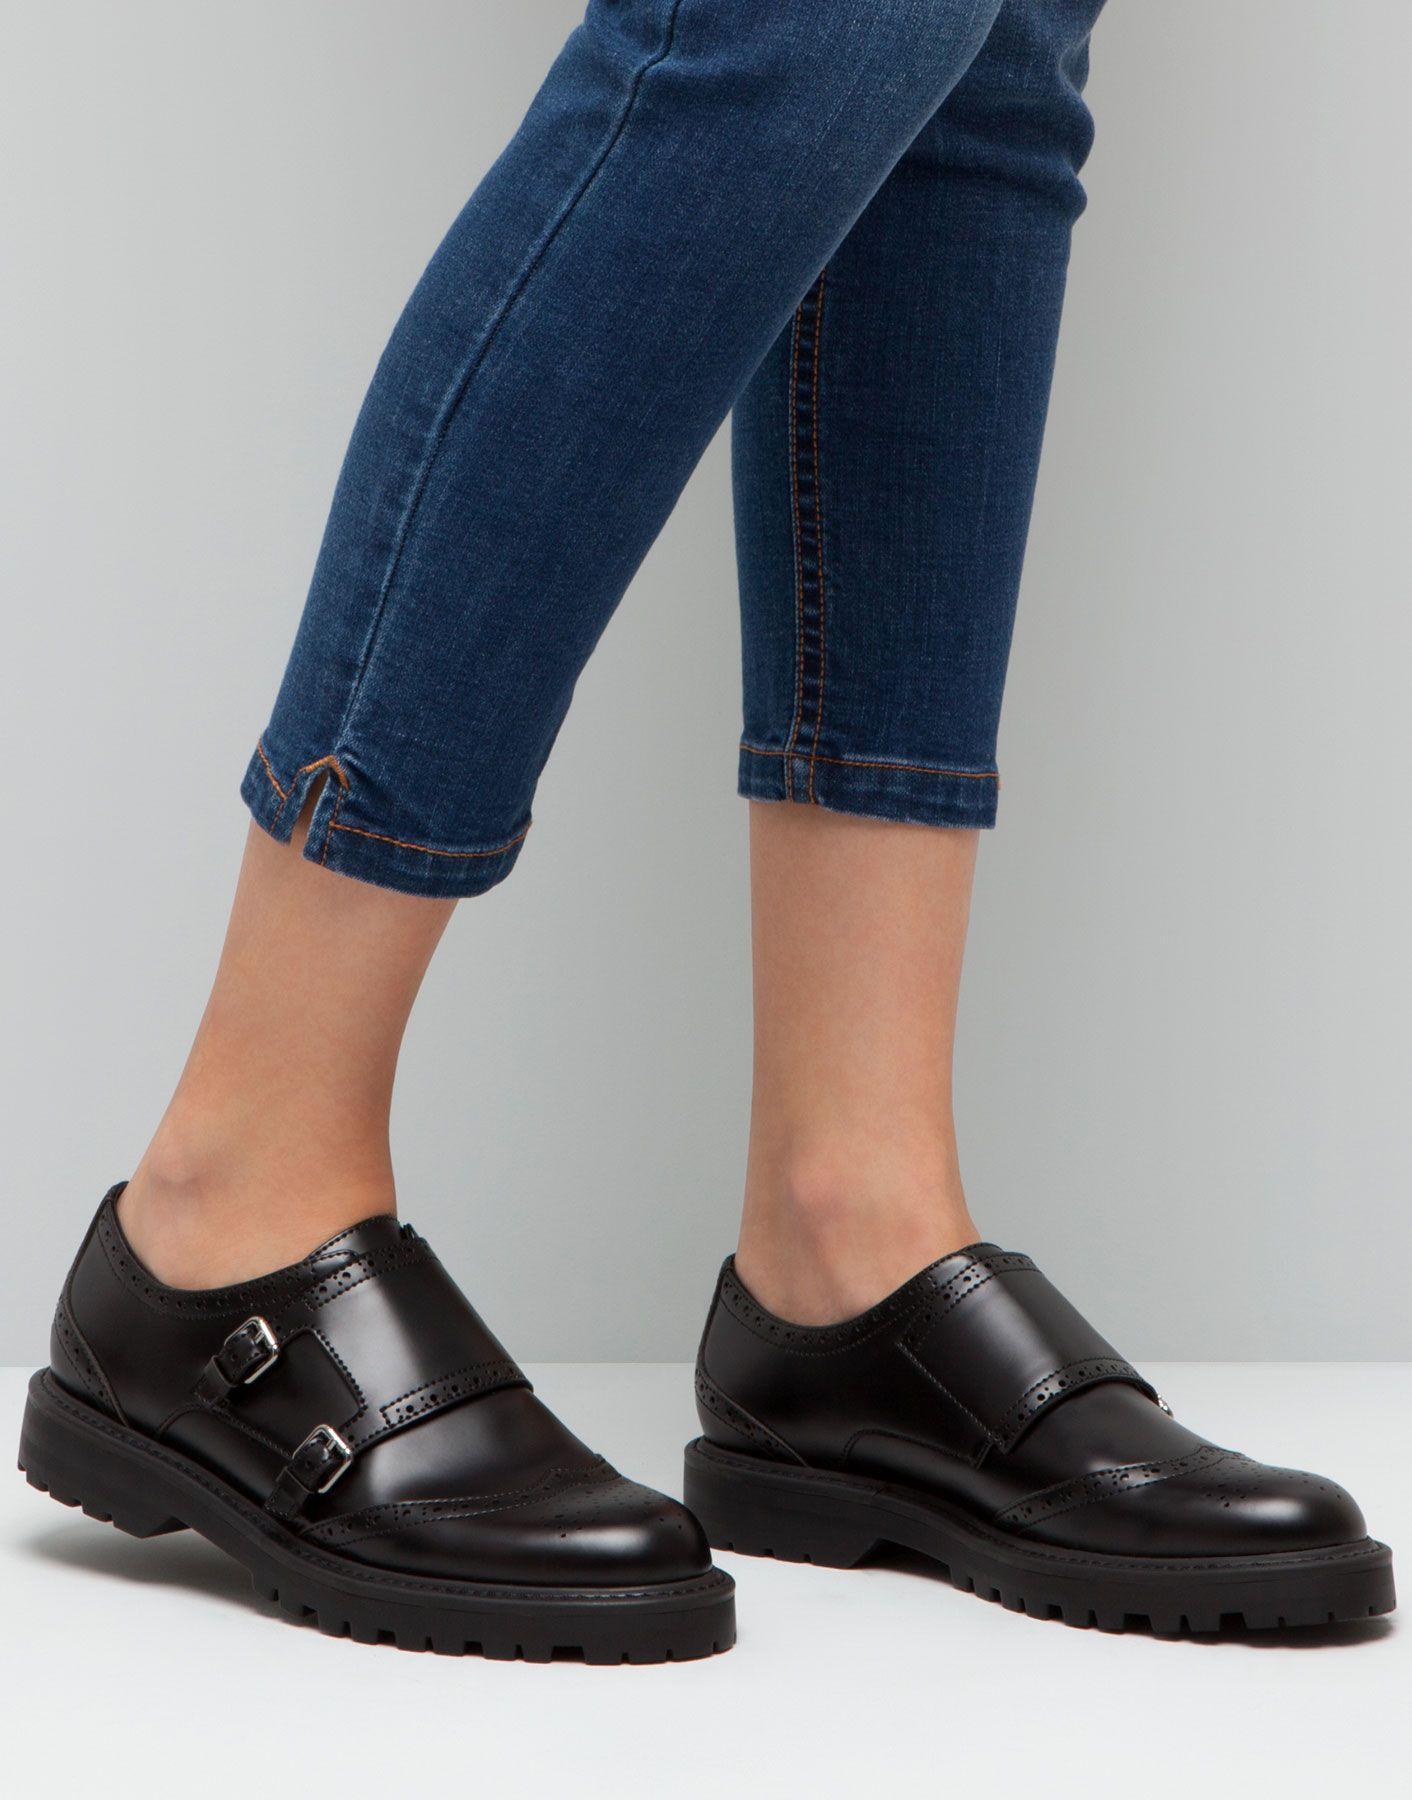 Mujer Shoes Zapatos Monk Pull amp;bear España Zapato qxTEwZPgg